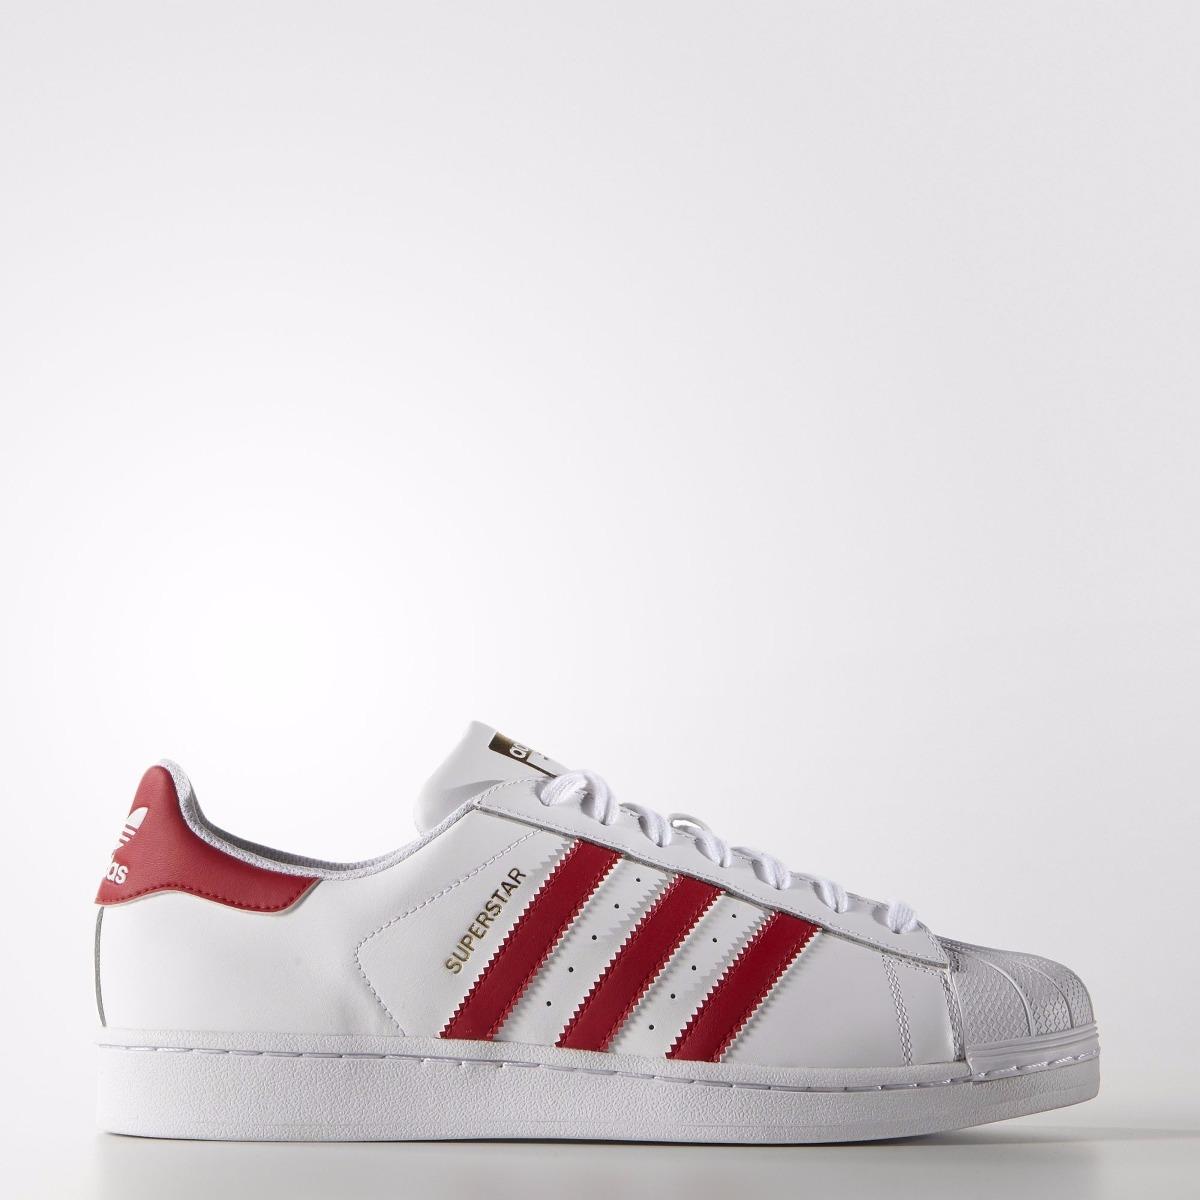 75ddccfff ... free shipping tênis adidas superstar foundation branco vermelho original.  carregando zoom. 36b94 4341a